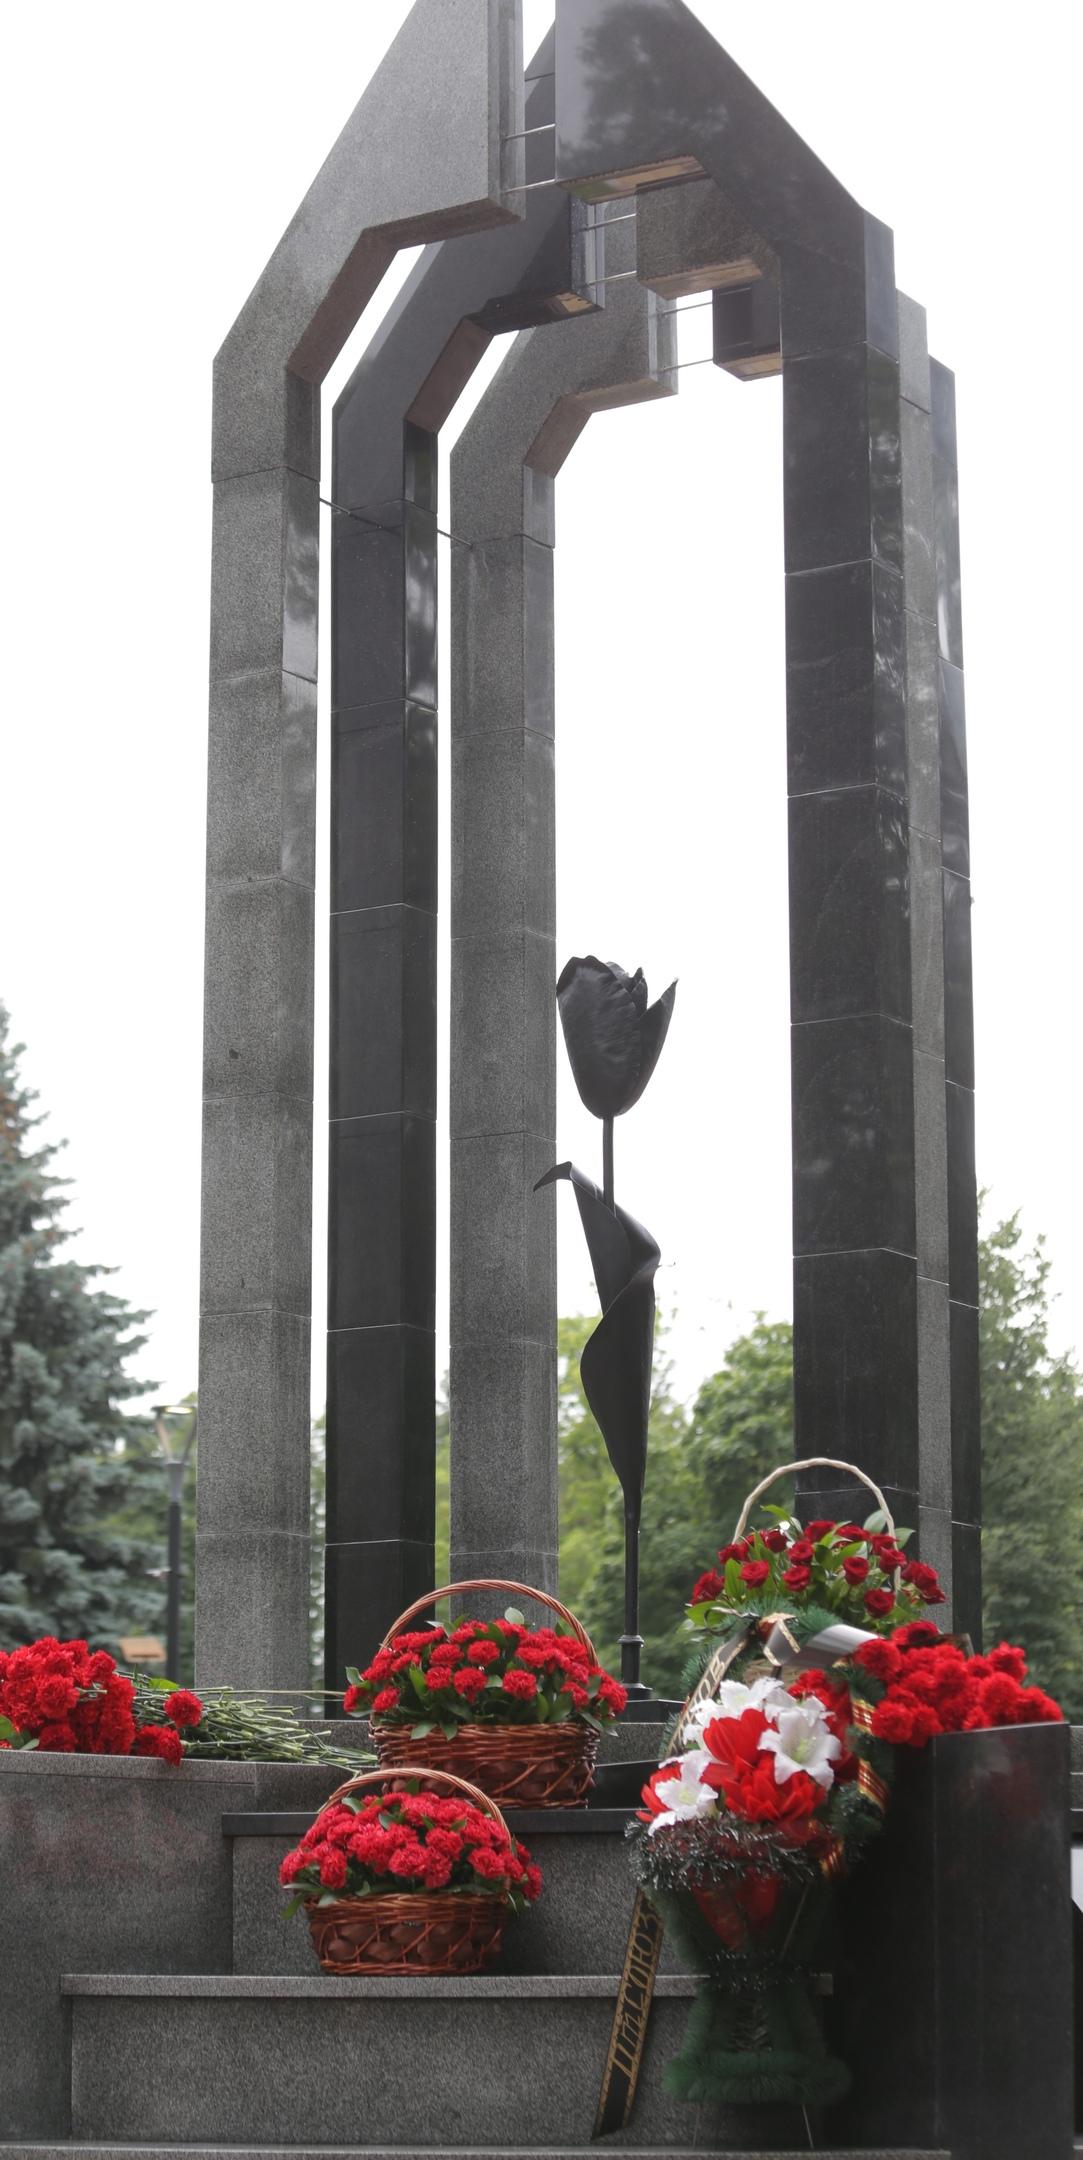 Мемориал подвигу нижегородцев, погибших в локальных военных конфликтах, открыт в Автозаводском районе Нижнего Новгорода, изображение №2